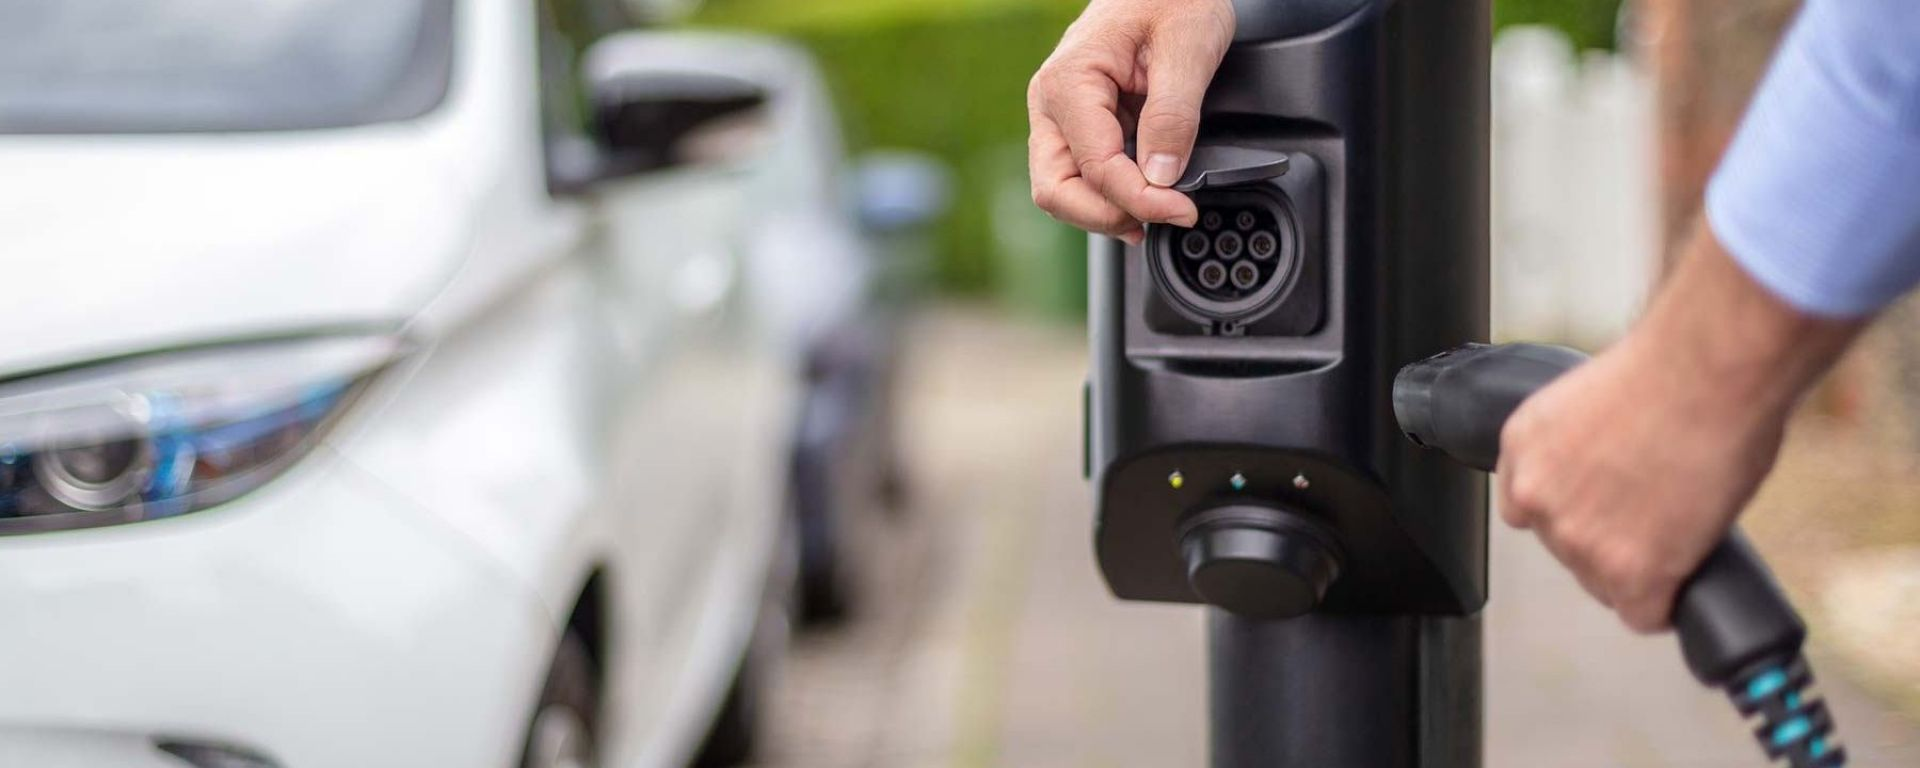 Auto elettrica, proprietari soddisfatti